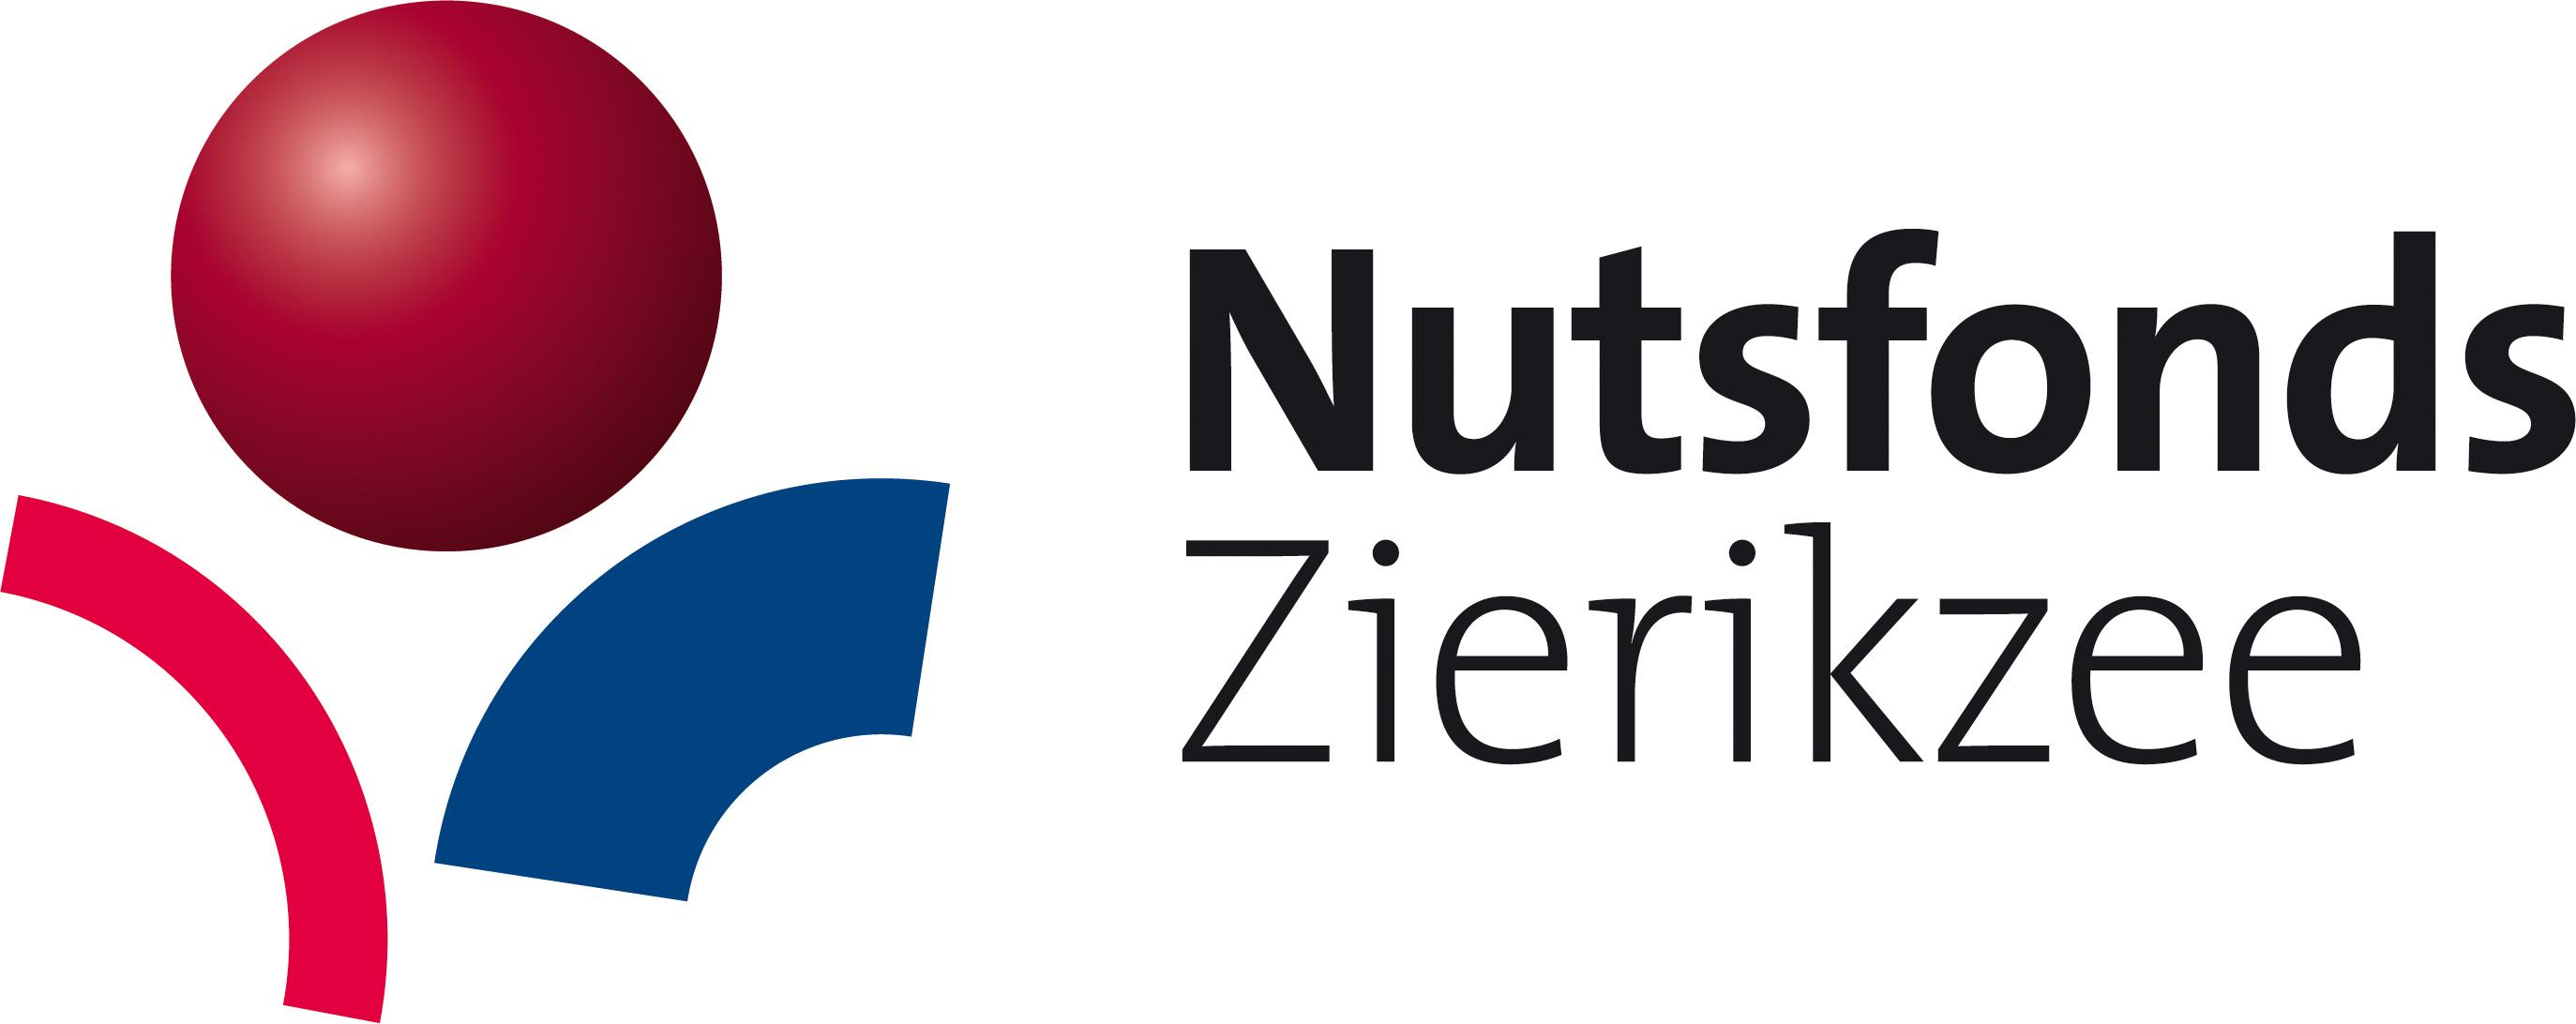 Nutsfonds Zierikzee